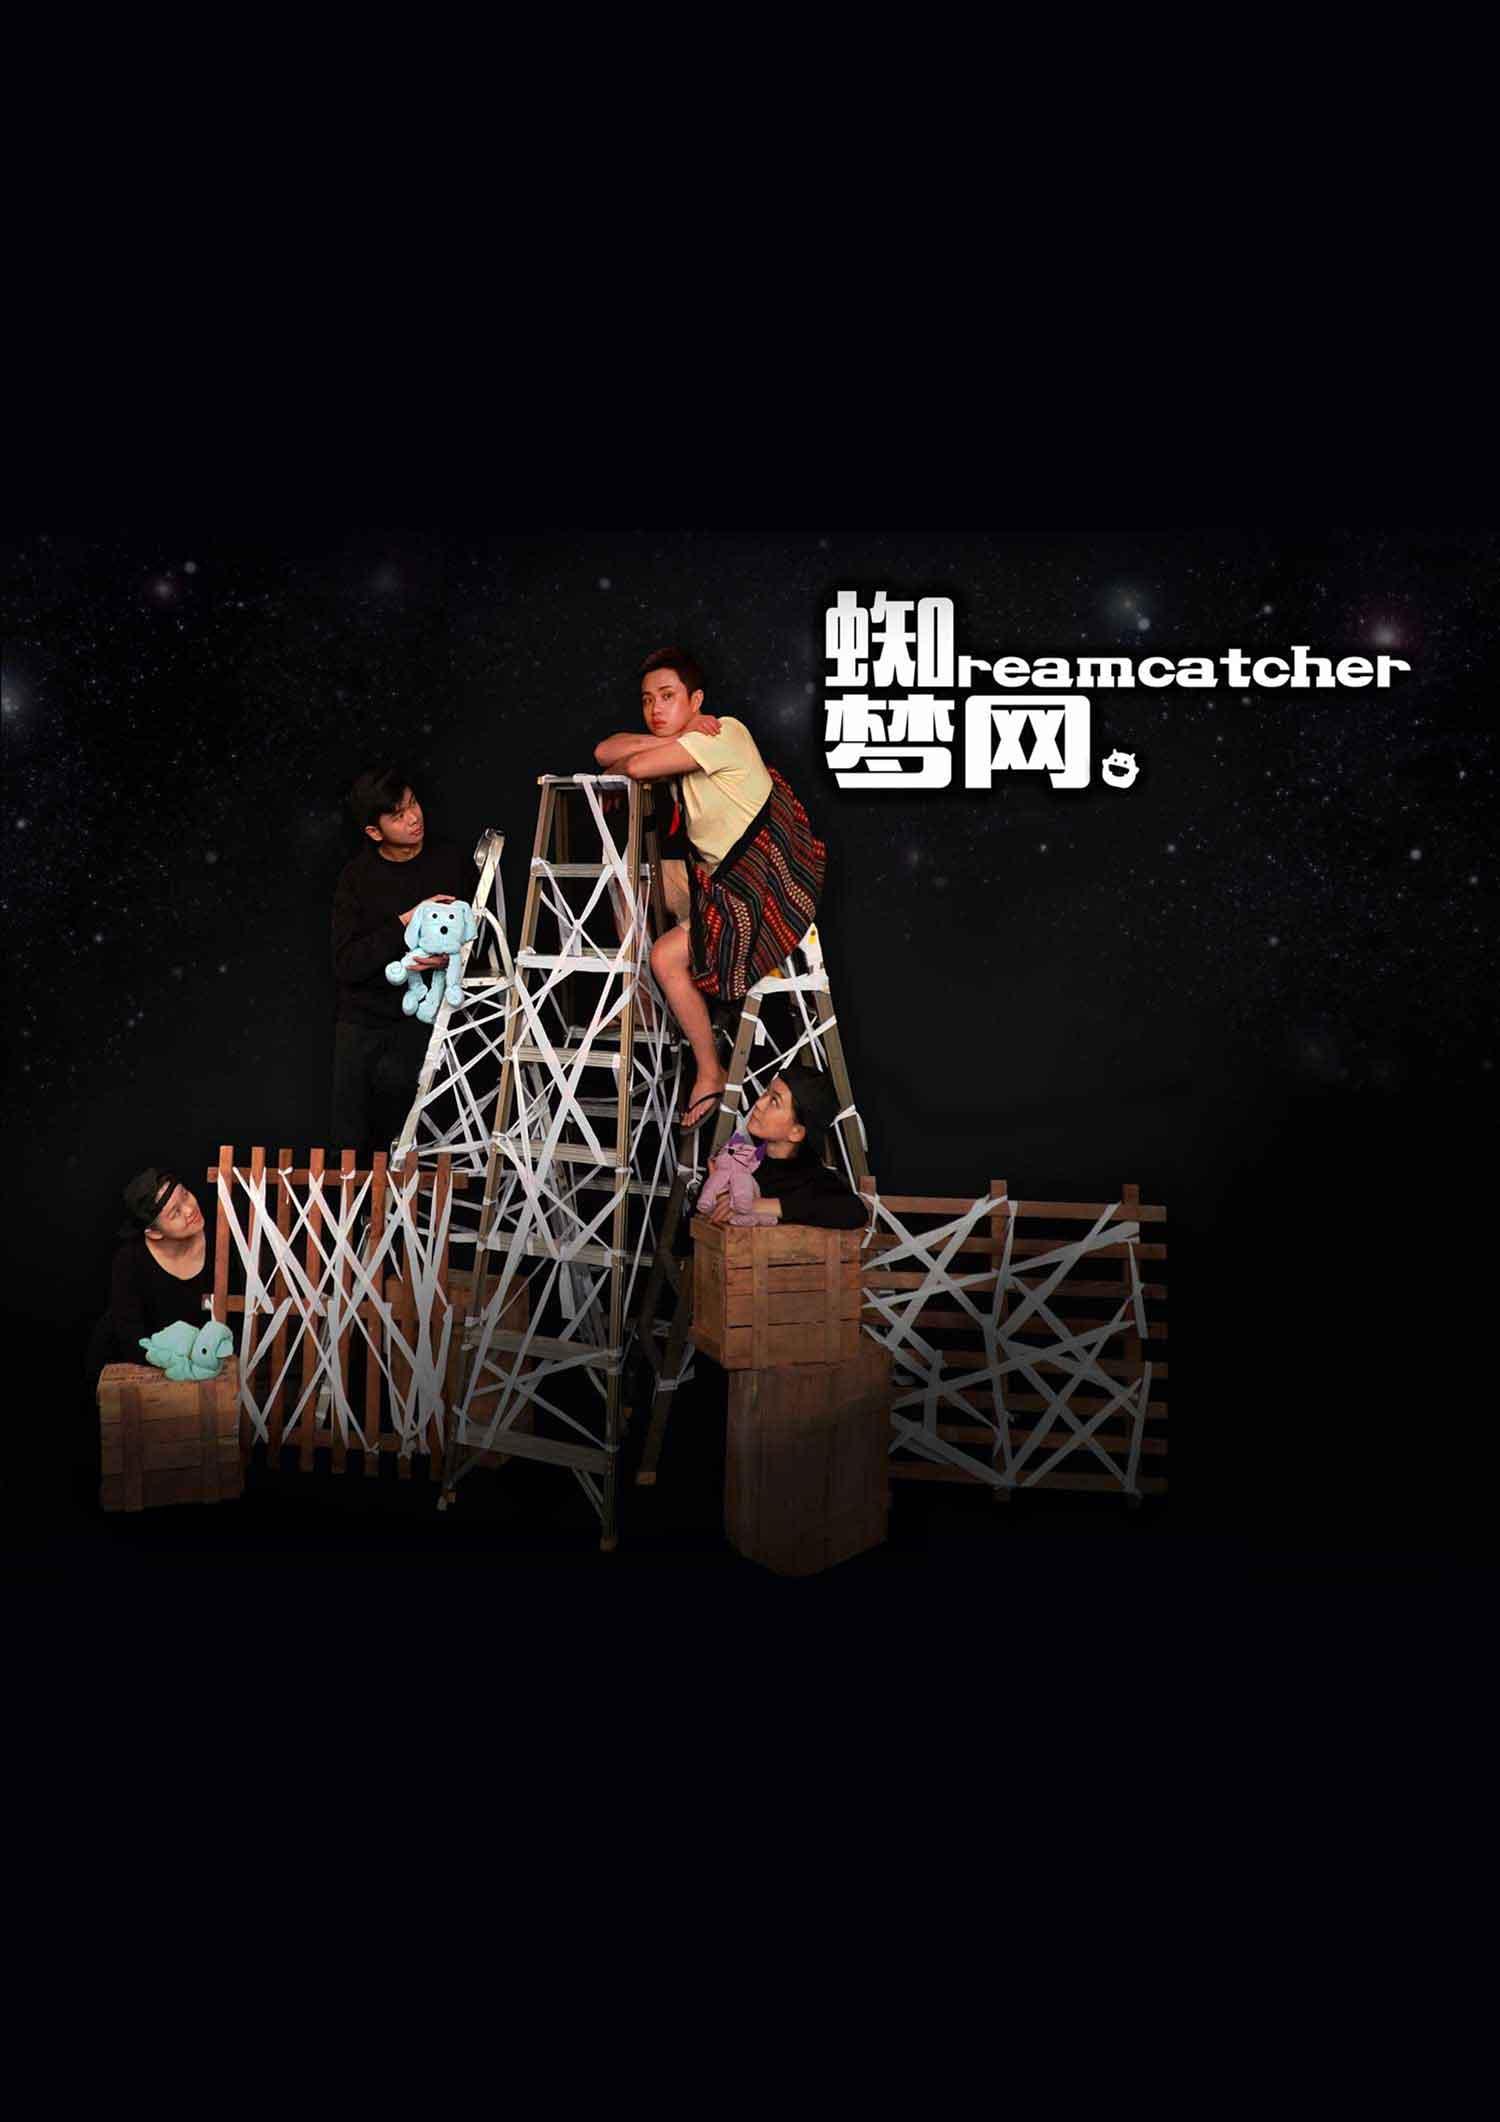 云端儿童戏剧《蜘梦网》Online Children's Theatre 'Dreamcatcher'